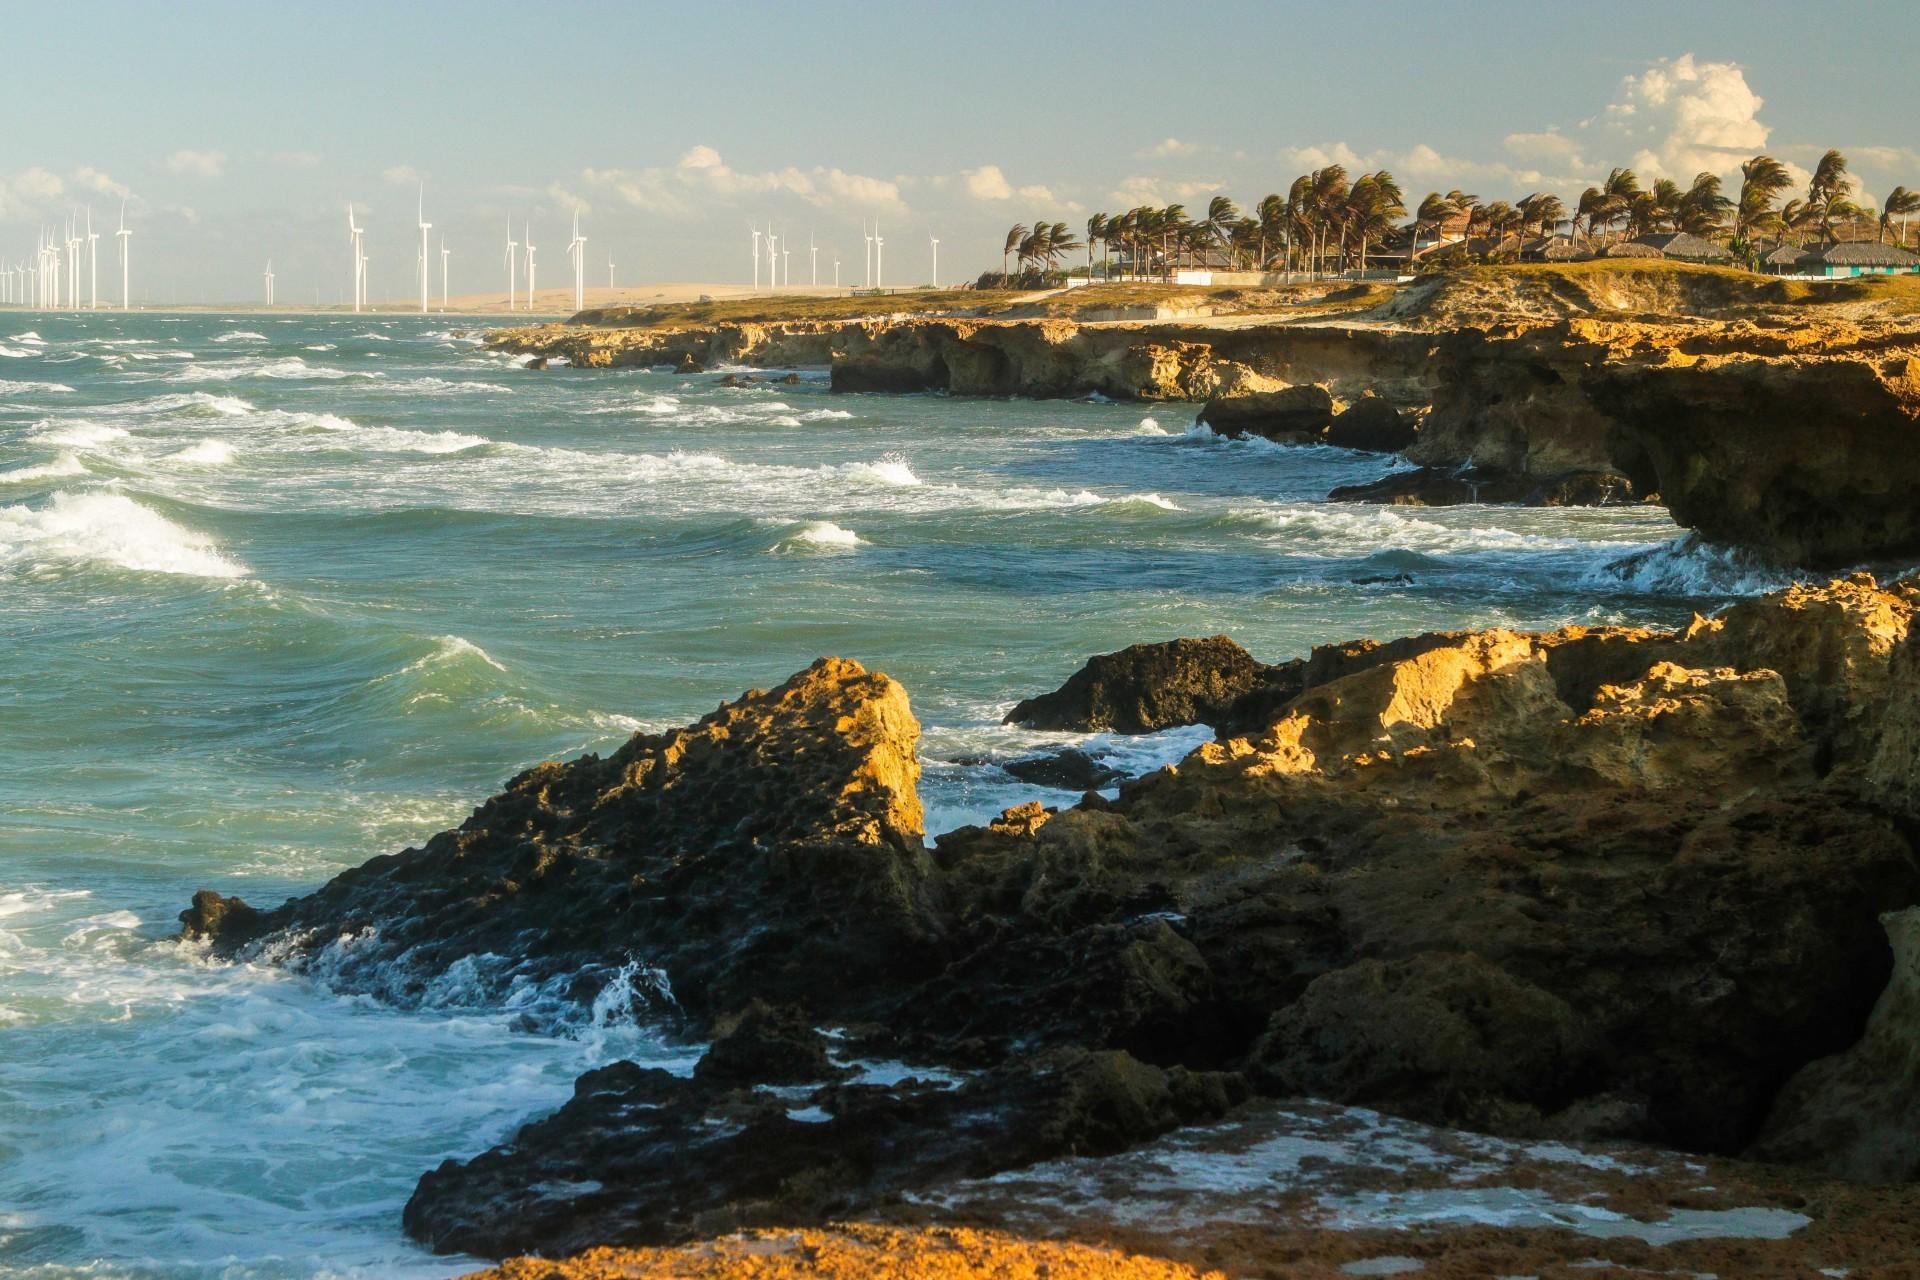 (Foto: FCO FONTENELE/O POVO)Fortim, Ce, BR - 12.08.21 Década dos Oceanos - Praia de Pontal de Maceió no município de Fortim (Fco Fontenele/O POVO)